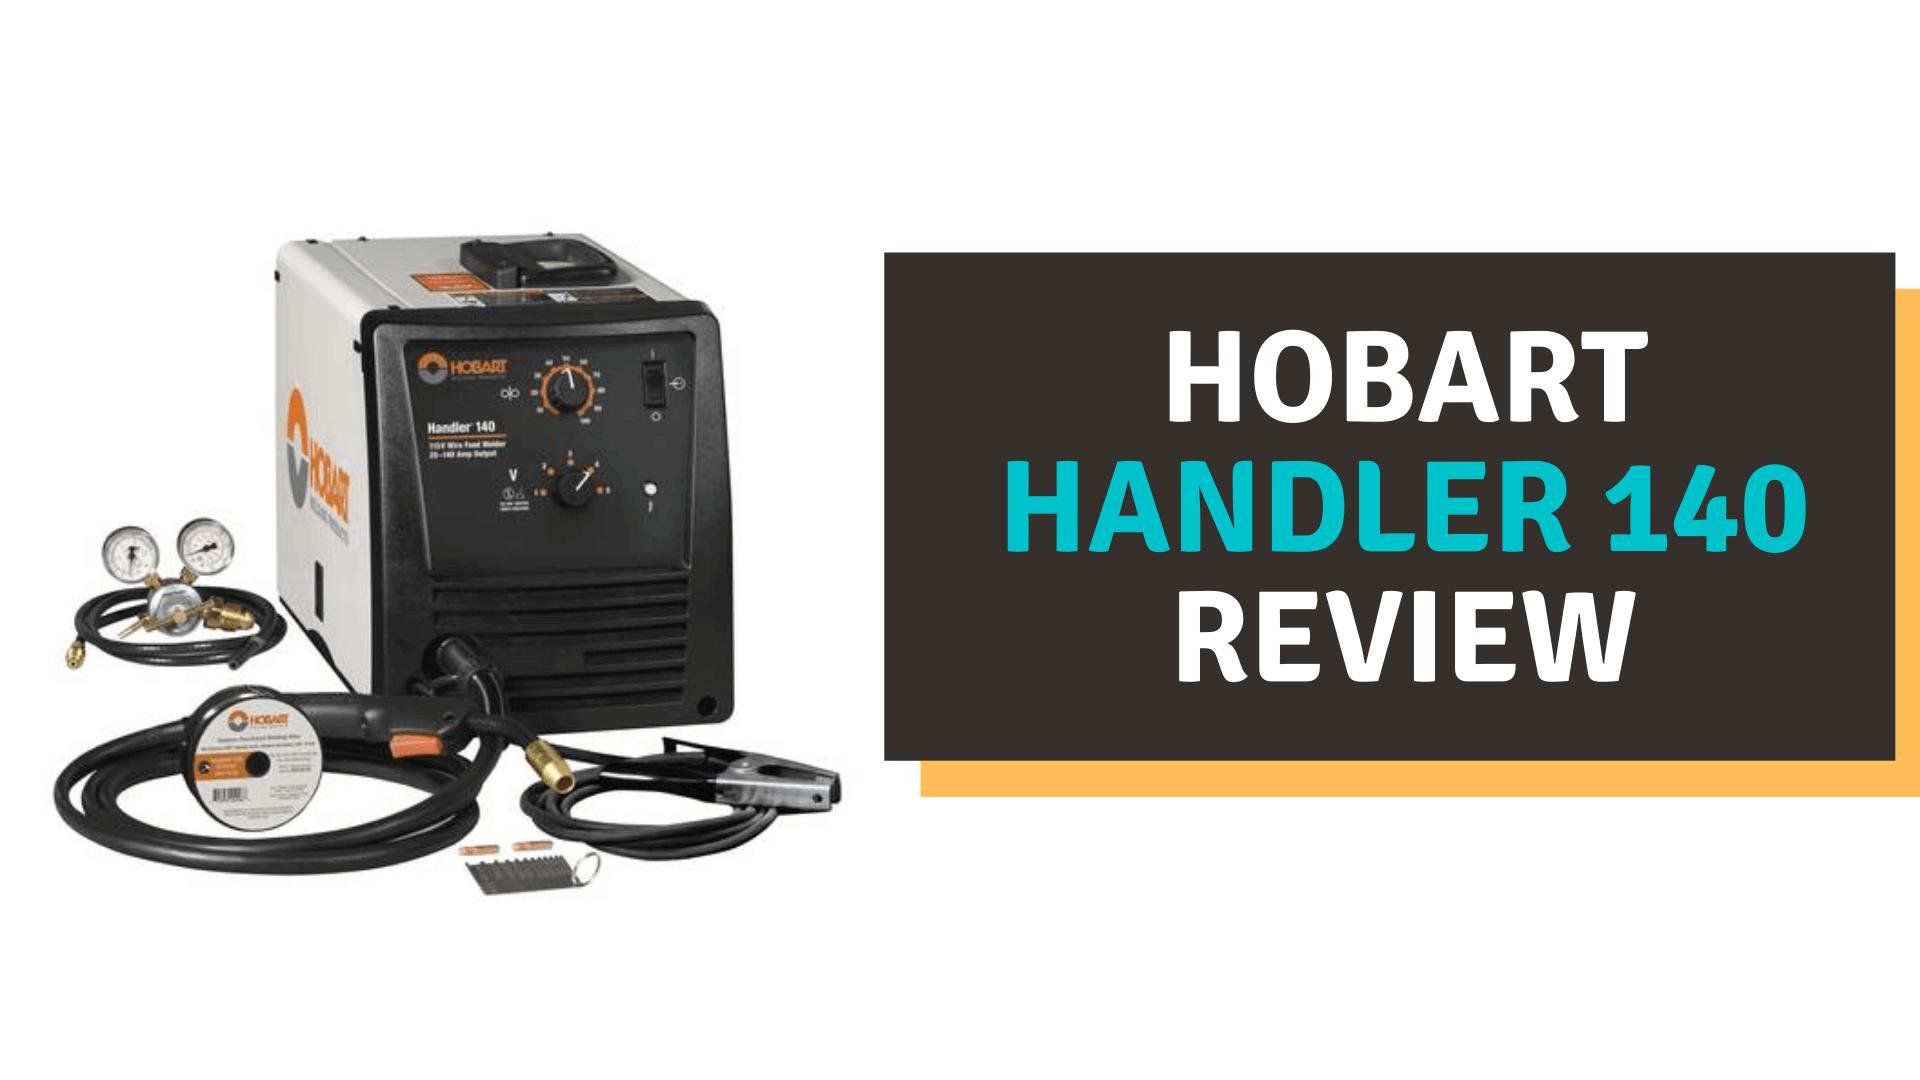 hobart handler 140 review